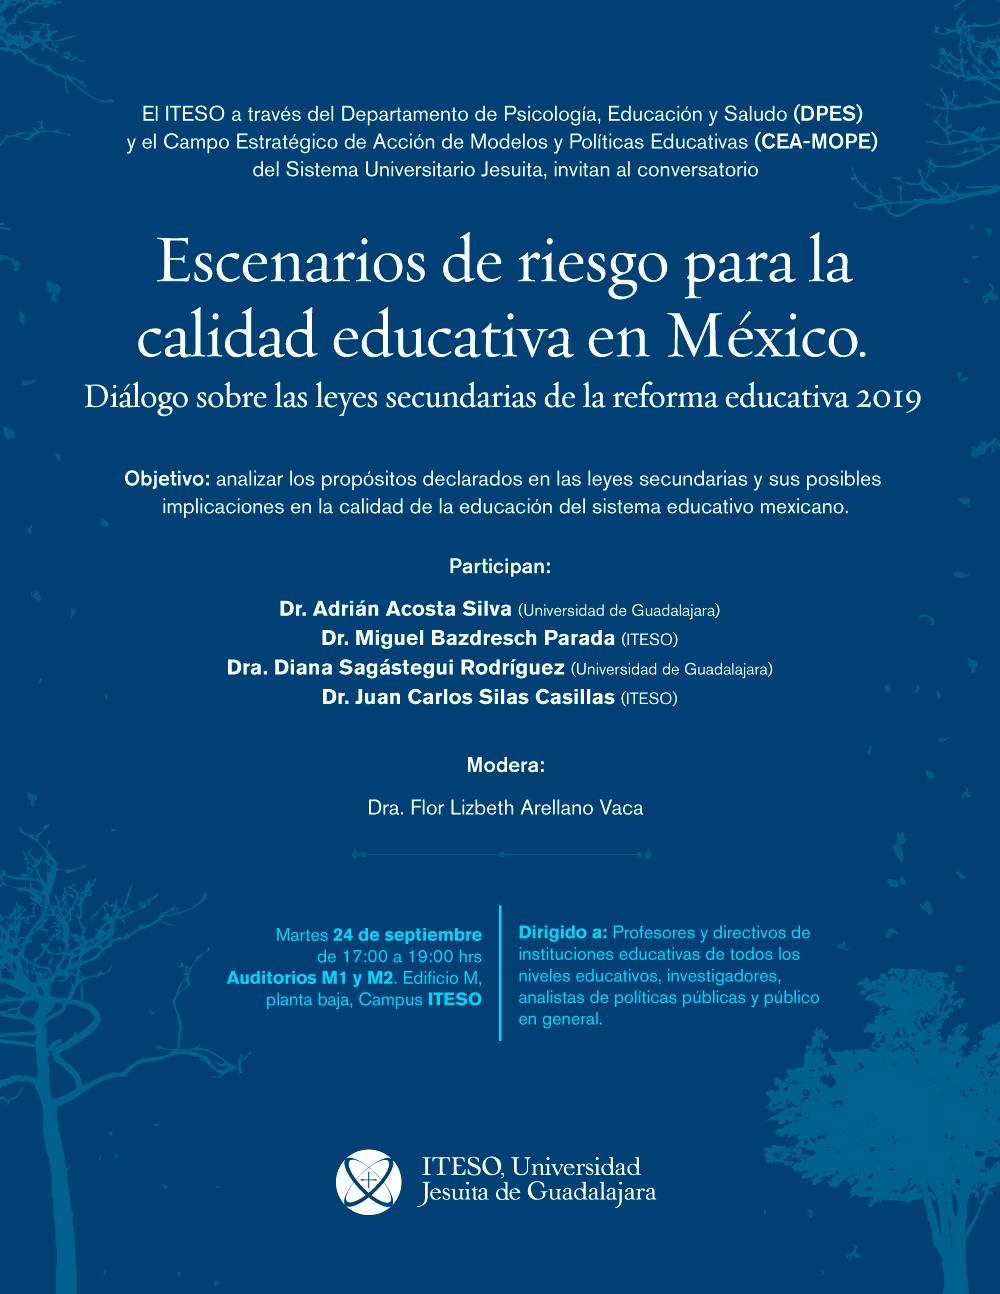 ESCENARIOS DE RIESGO PARA LA CALIDAD EDUCATIVA EN MÉXICO DIÁLOGO SOBRE LAS LEYES SECUNDARIAS